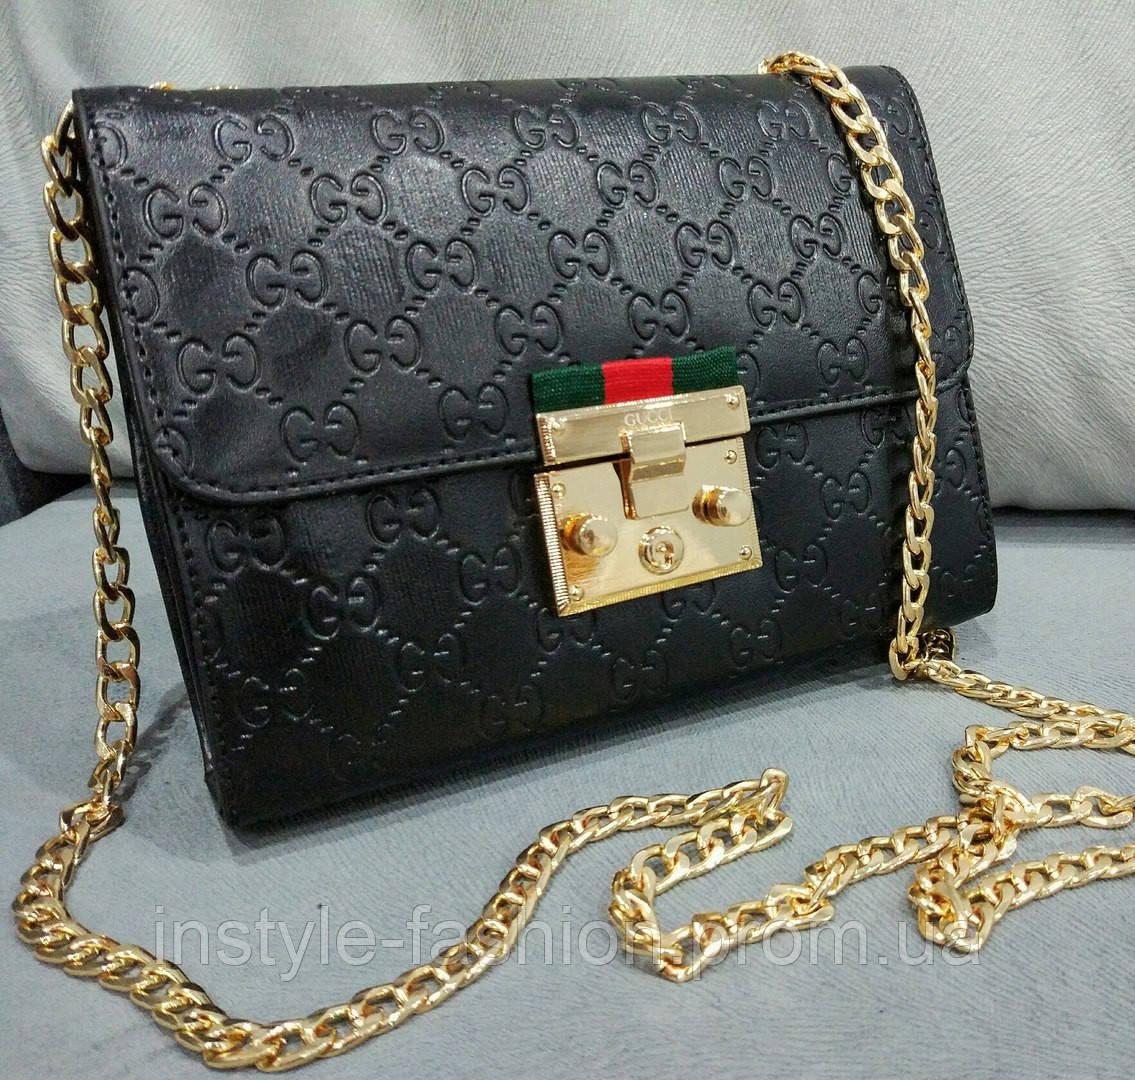 207010a8f151 Сумка клатч через плечо Gucci Гуччи на цепочке черная: купить ...